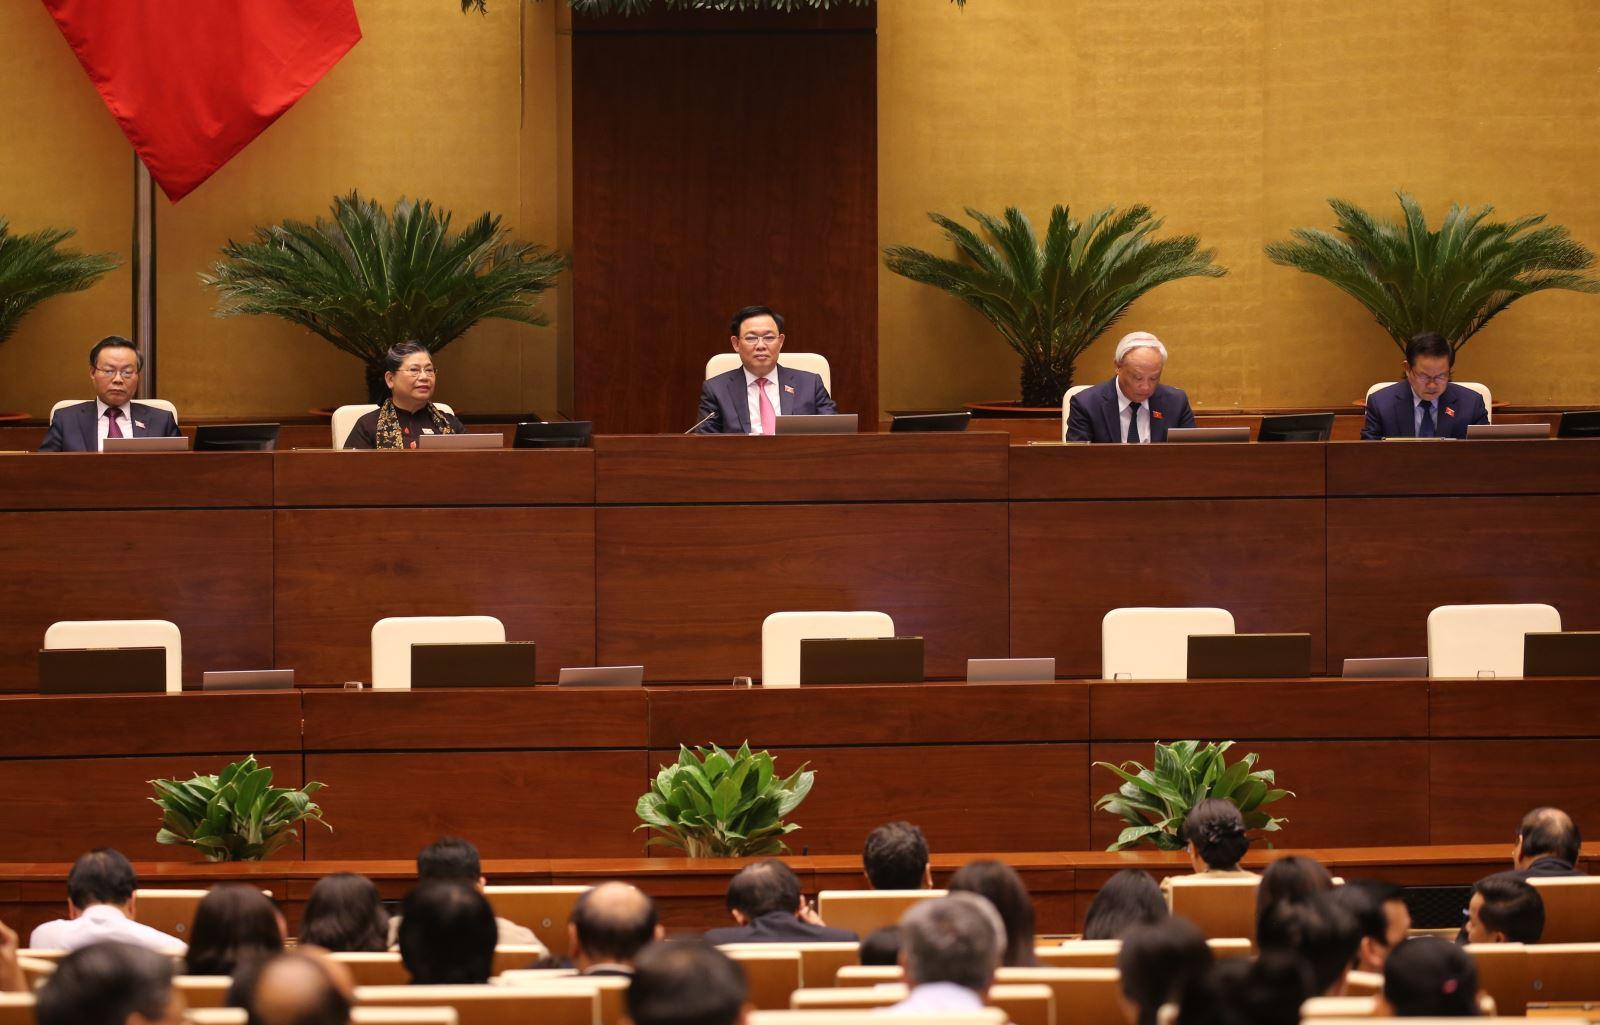 Ngày 1/4, Quốc hội sẽ miễn nhiệm Thủ tướng Chính phủ